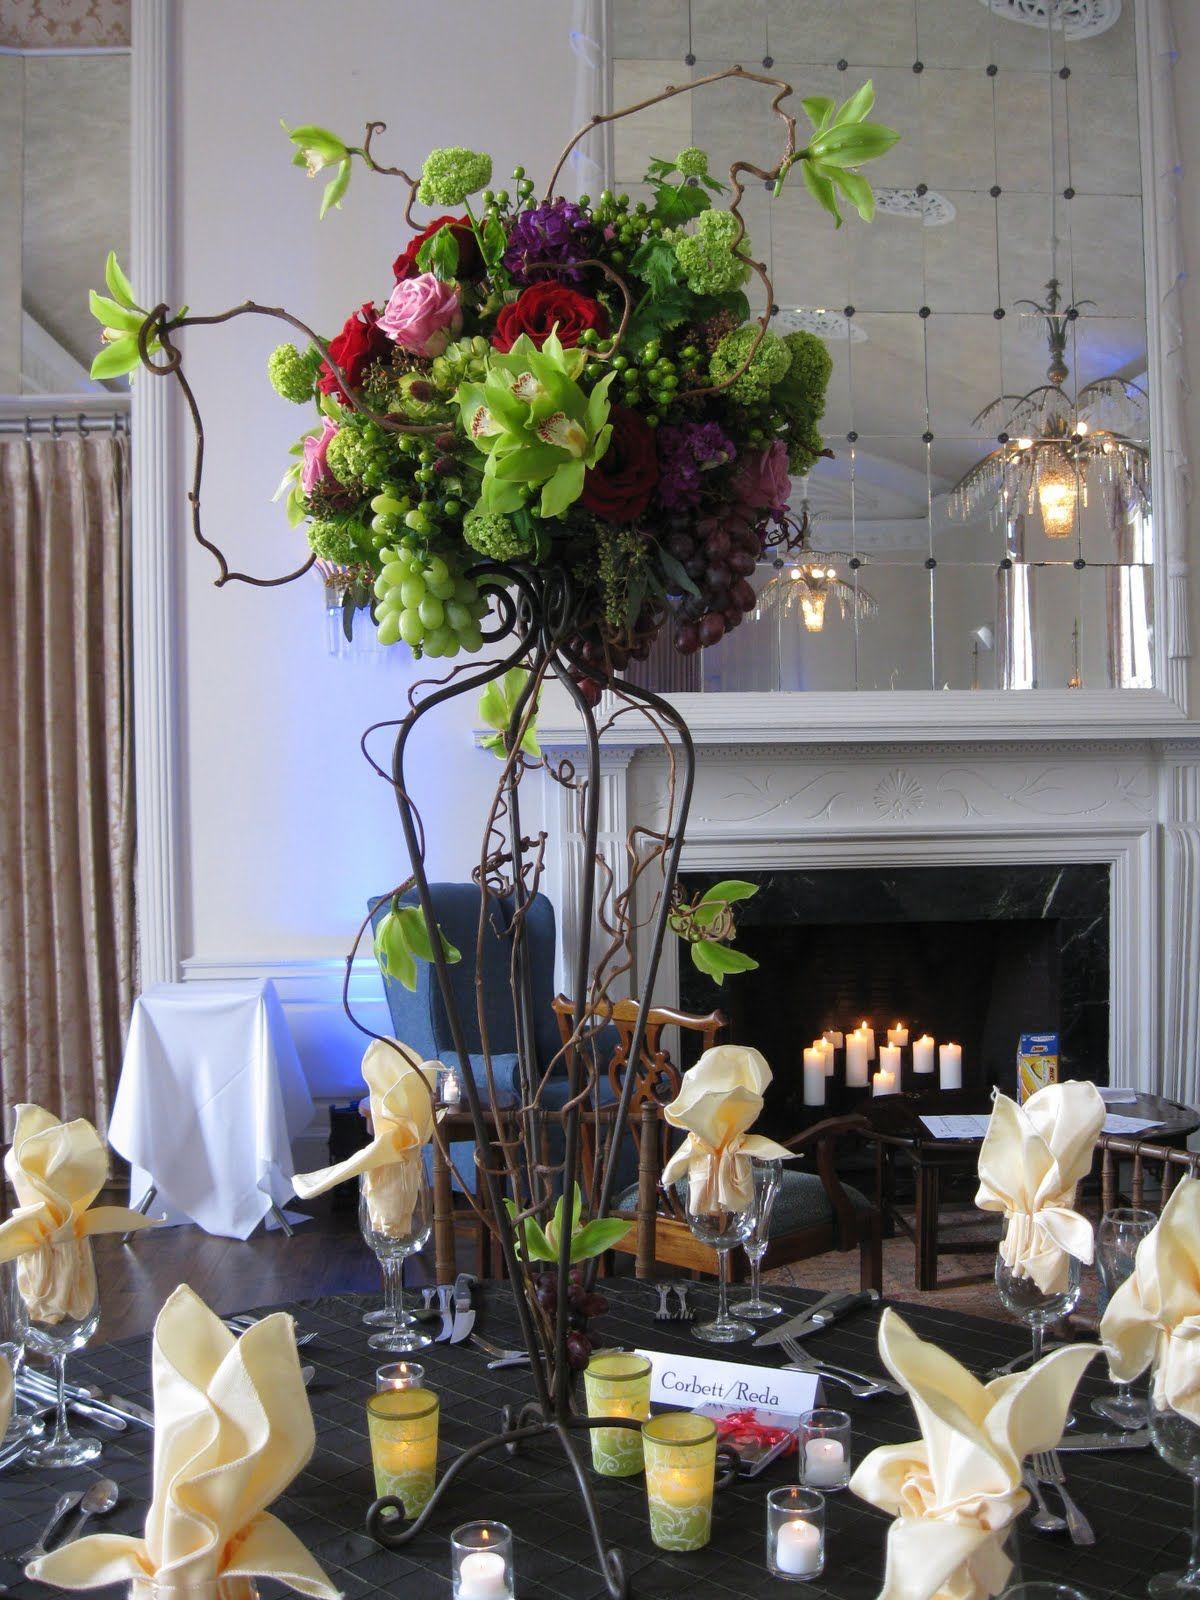 November wedding decoration ideas  fall bridal shower ideas  fall wedding centerpieces on a wedding